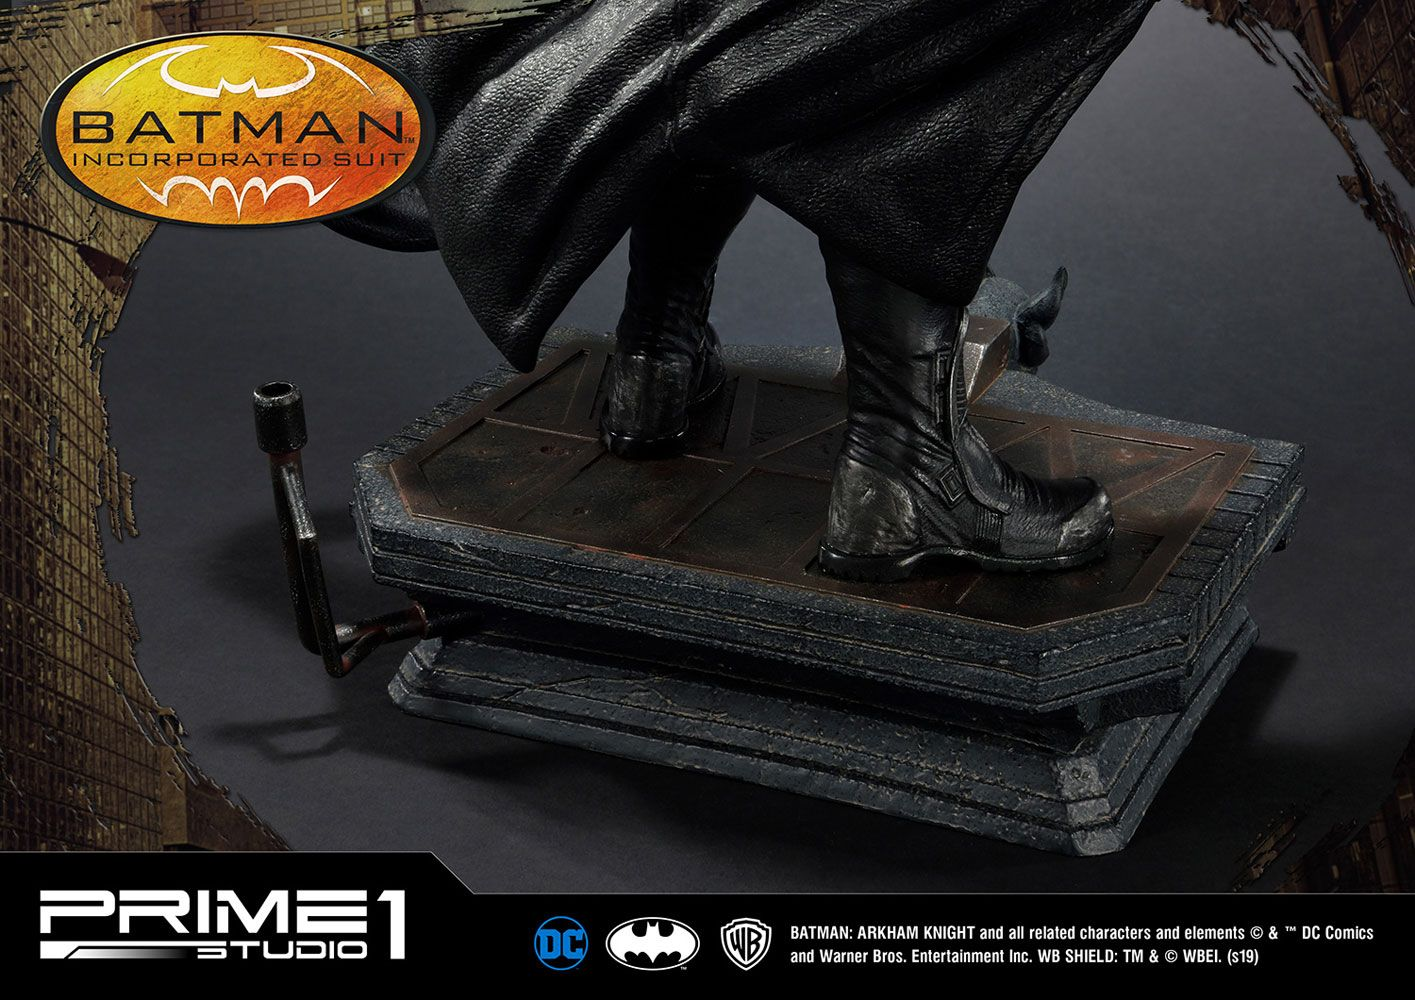 Batman Arkham Knight Statue 1/5 Batman Incorporated Suit 49 cm